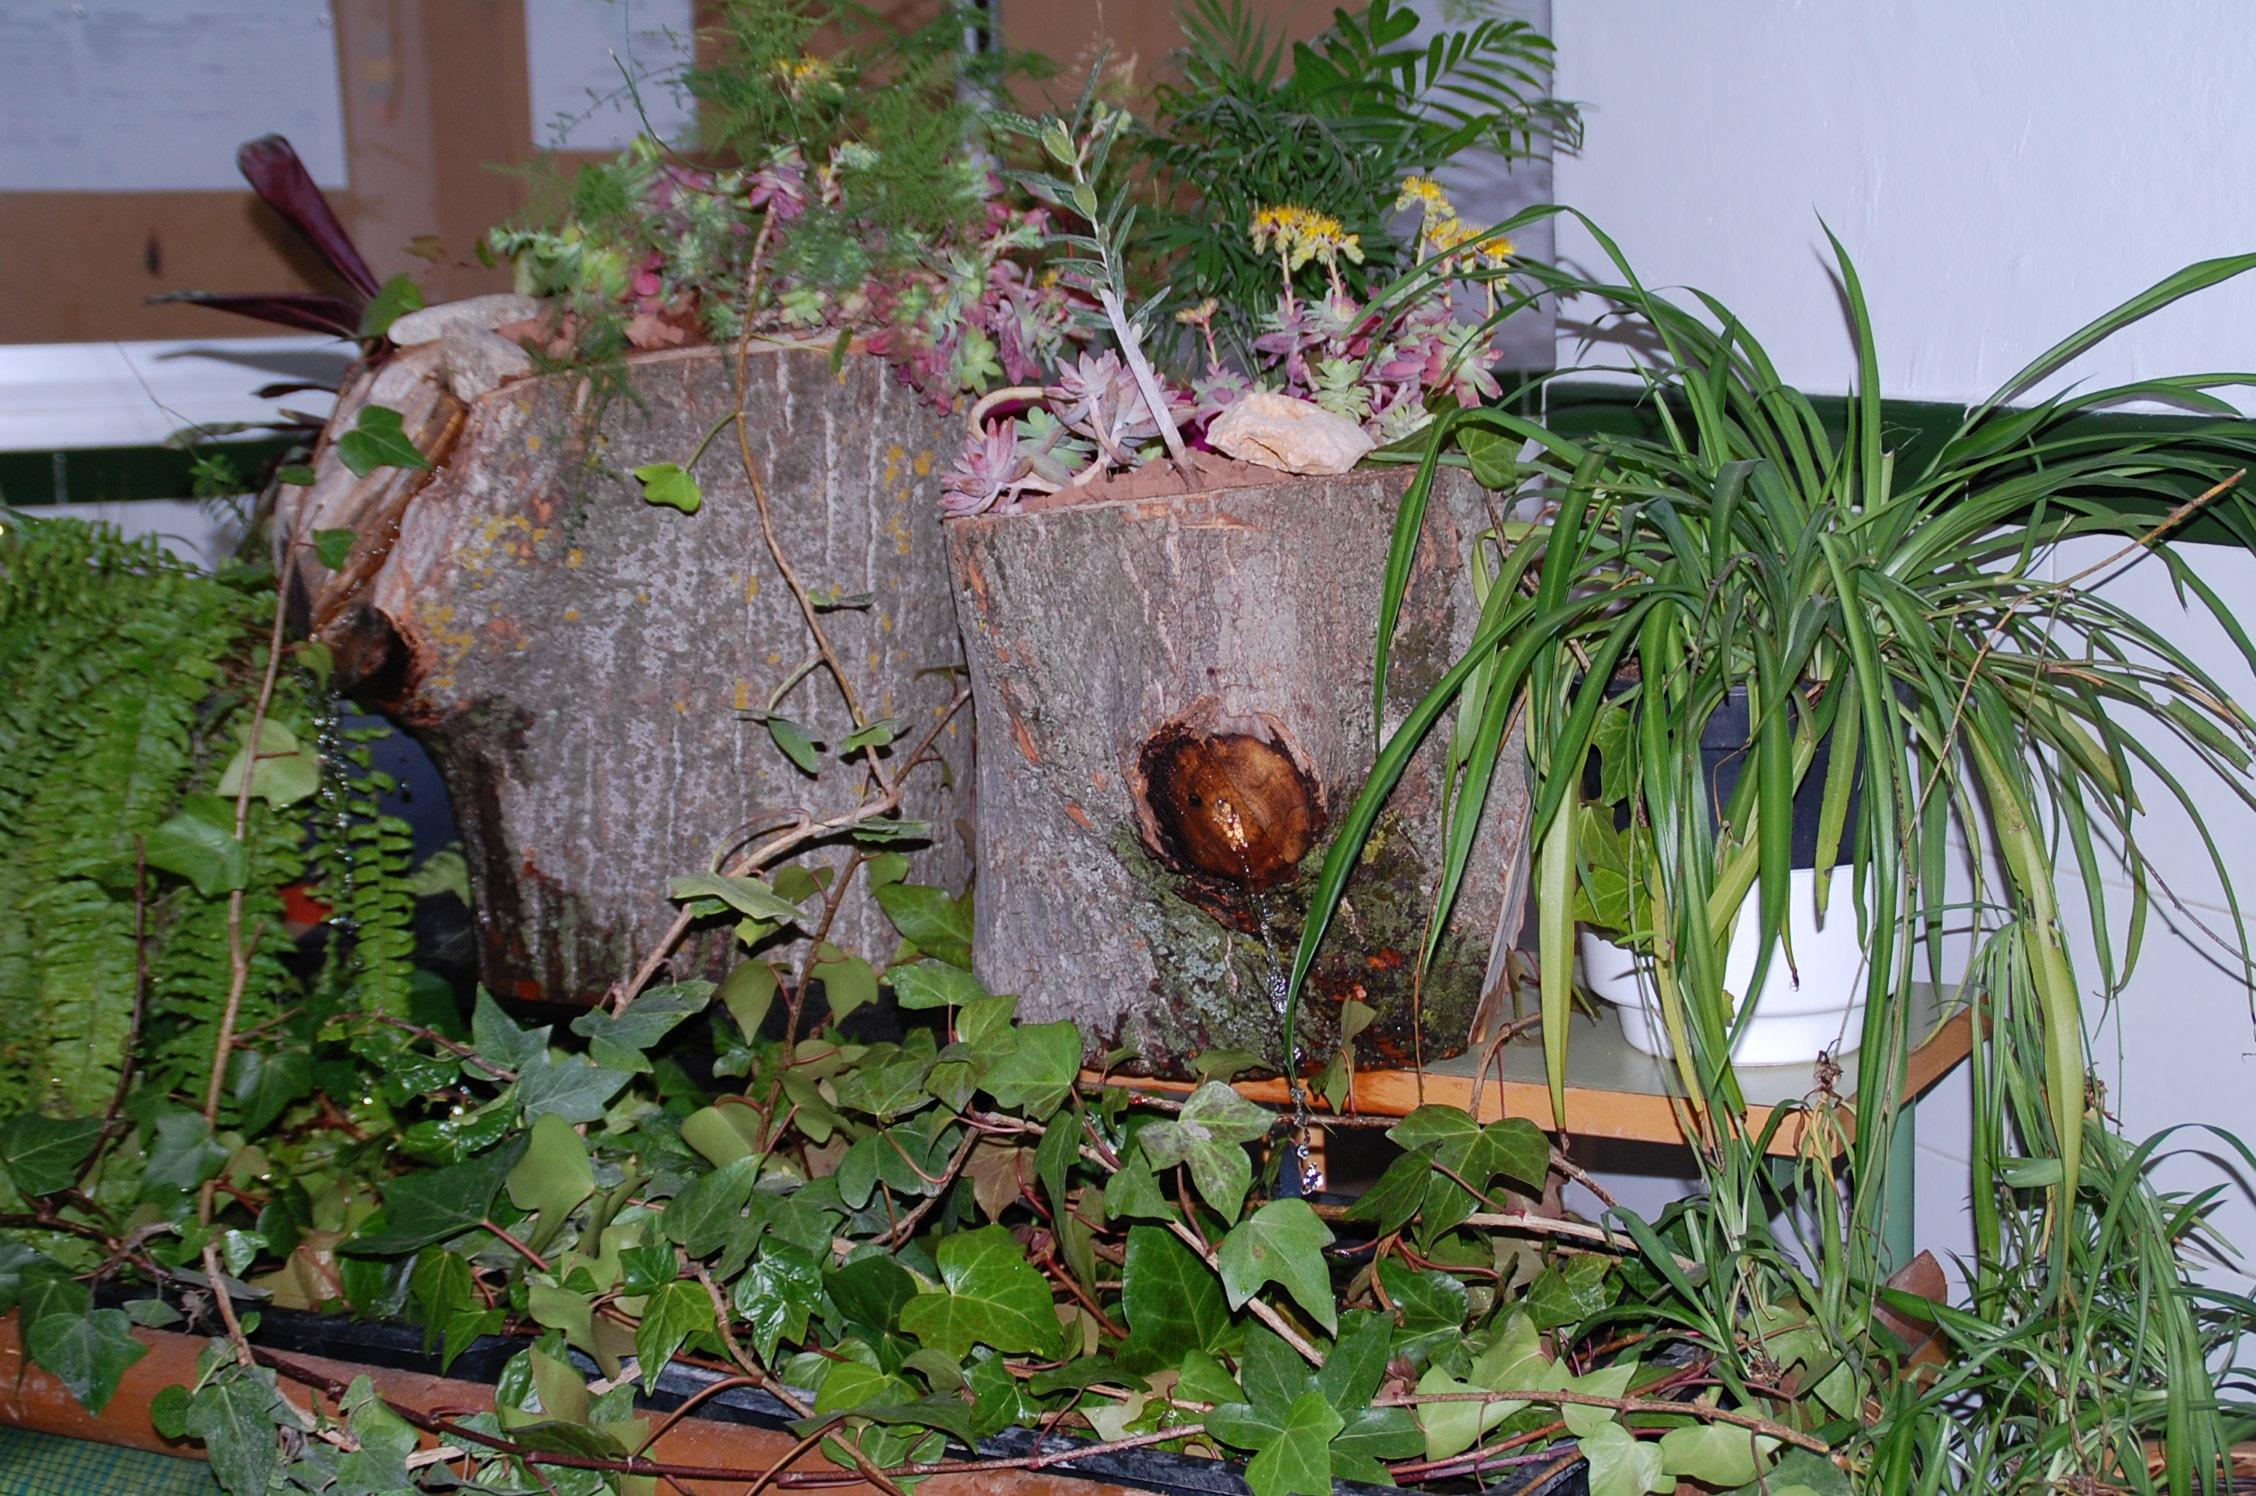 Imagenes de jardines decorados con troncos - Jardines decorados con madera ...